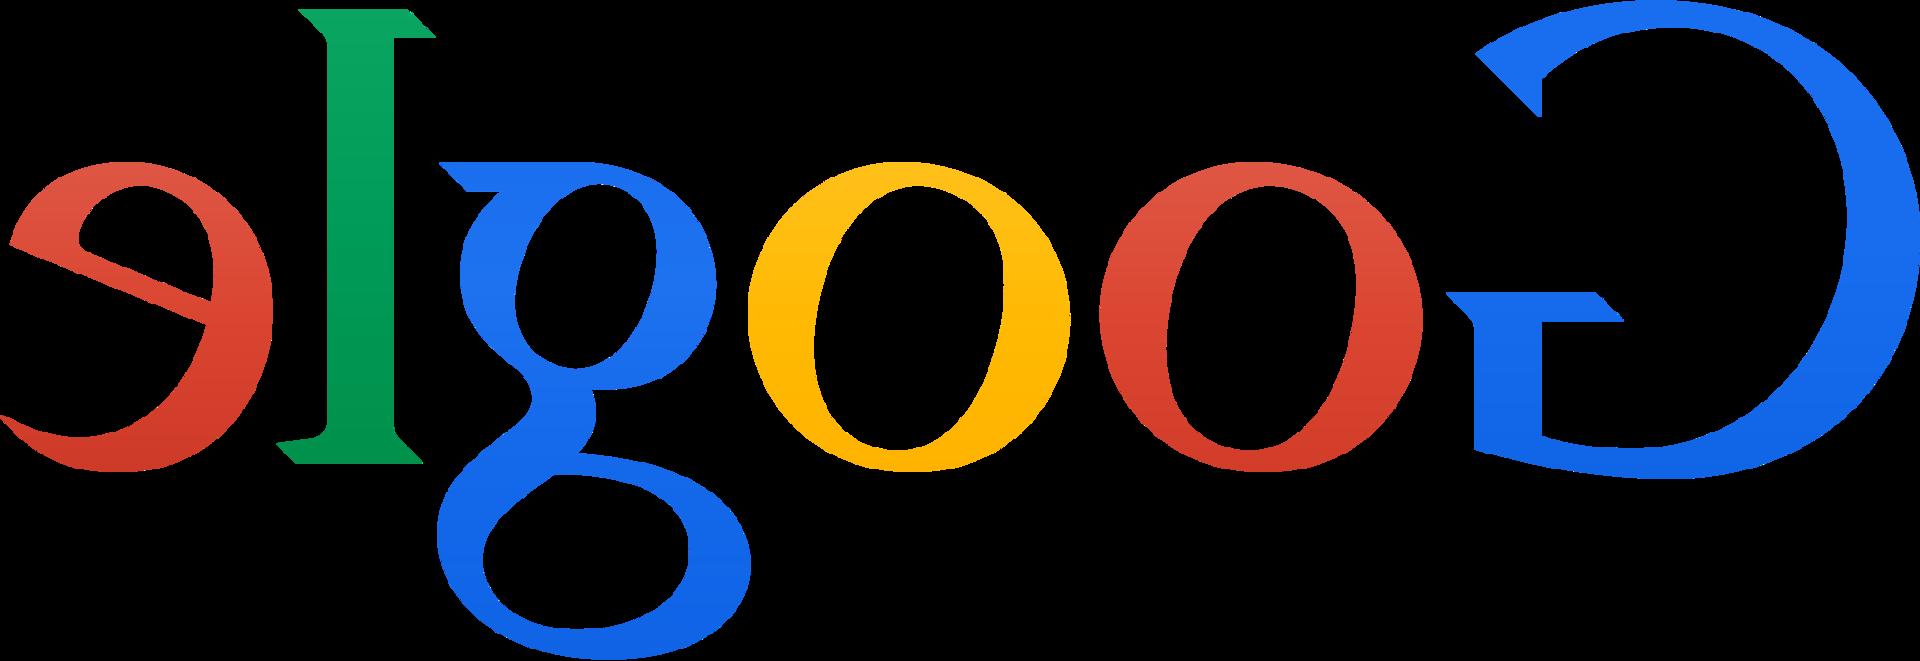 الگوگ - ویکیپدیا، دانشنامهٔ آزاد